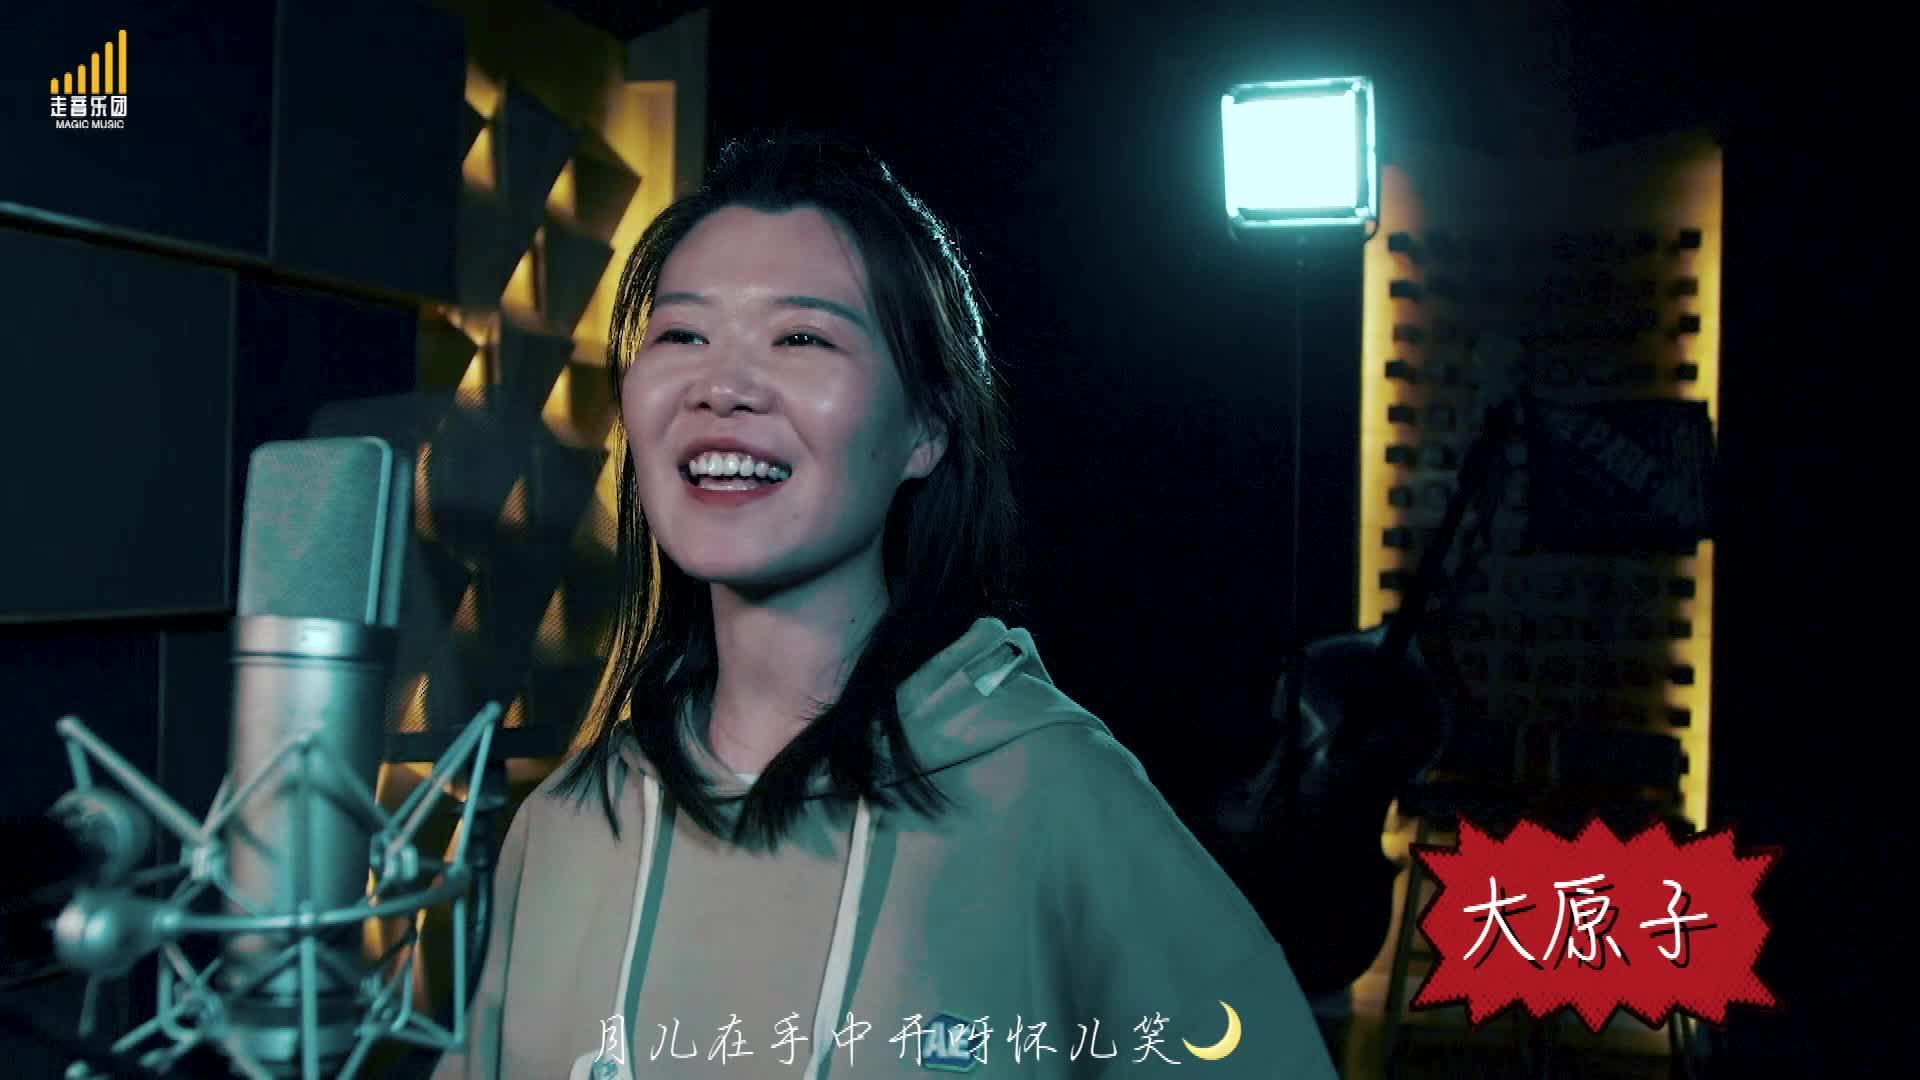 【走音乐团】《桃花笑》COVER.汪睿